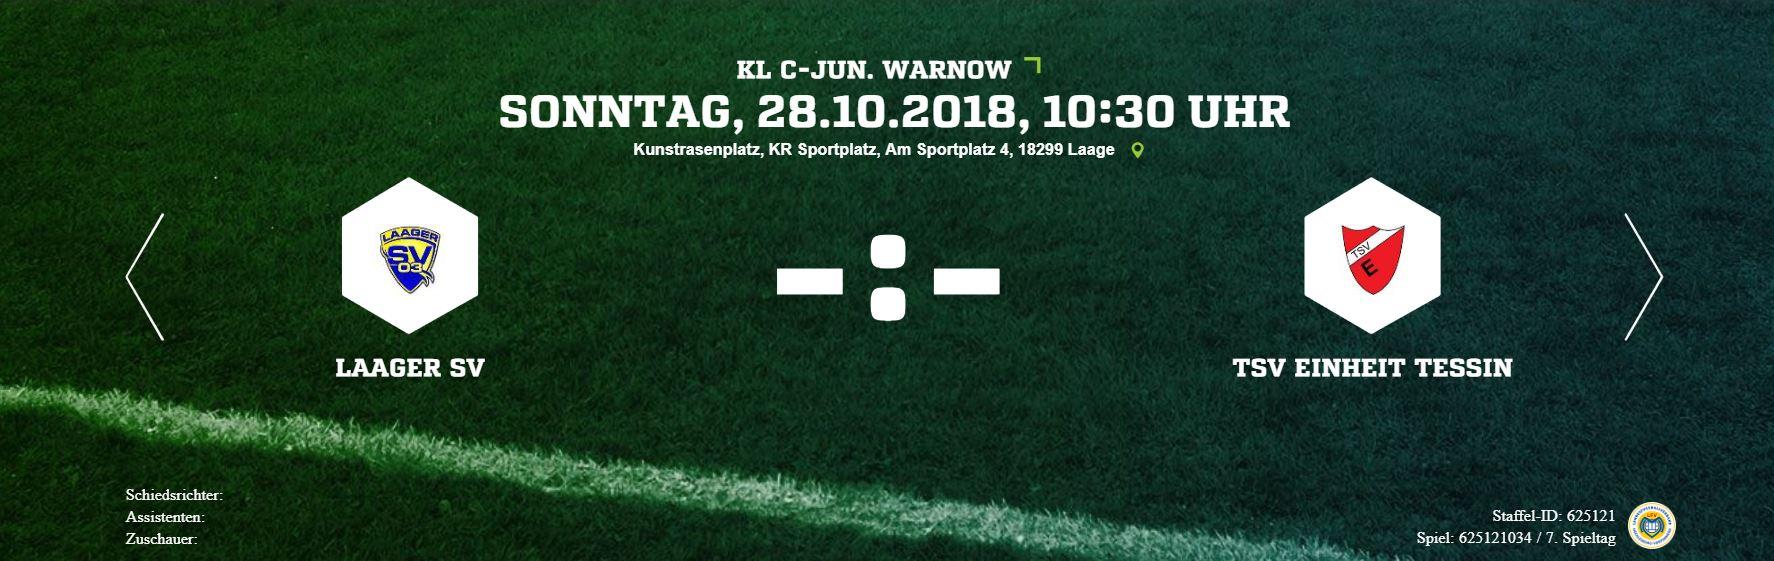 20181028 1030 Fußball C